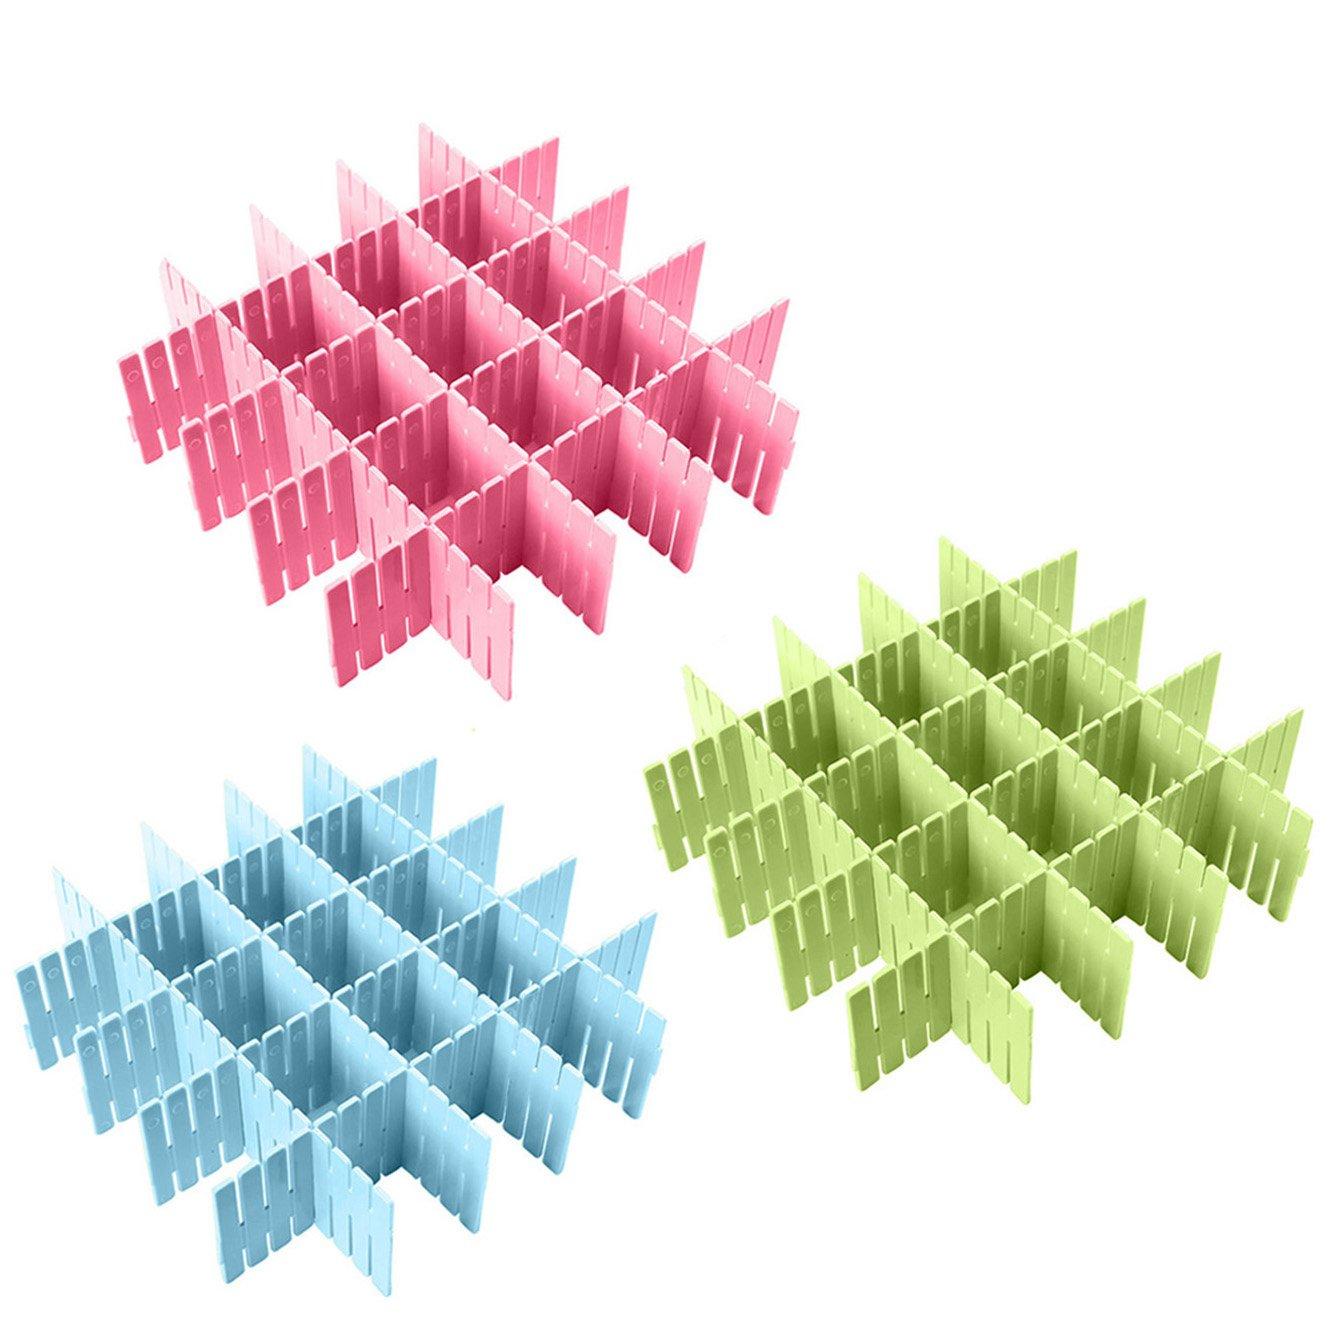 Coralpearl s/éparateurs de tiroir de lArmoire DIY Grille /étag/ère Organiseur 24pcs:12.6 LX2.8 WX2.3 H Rose